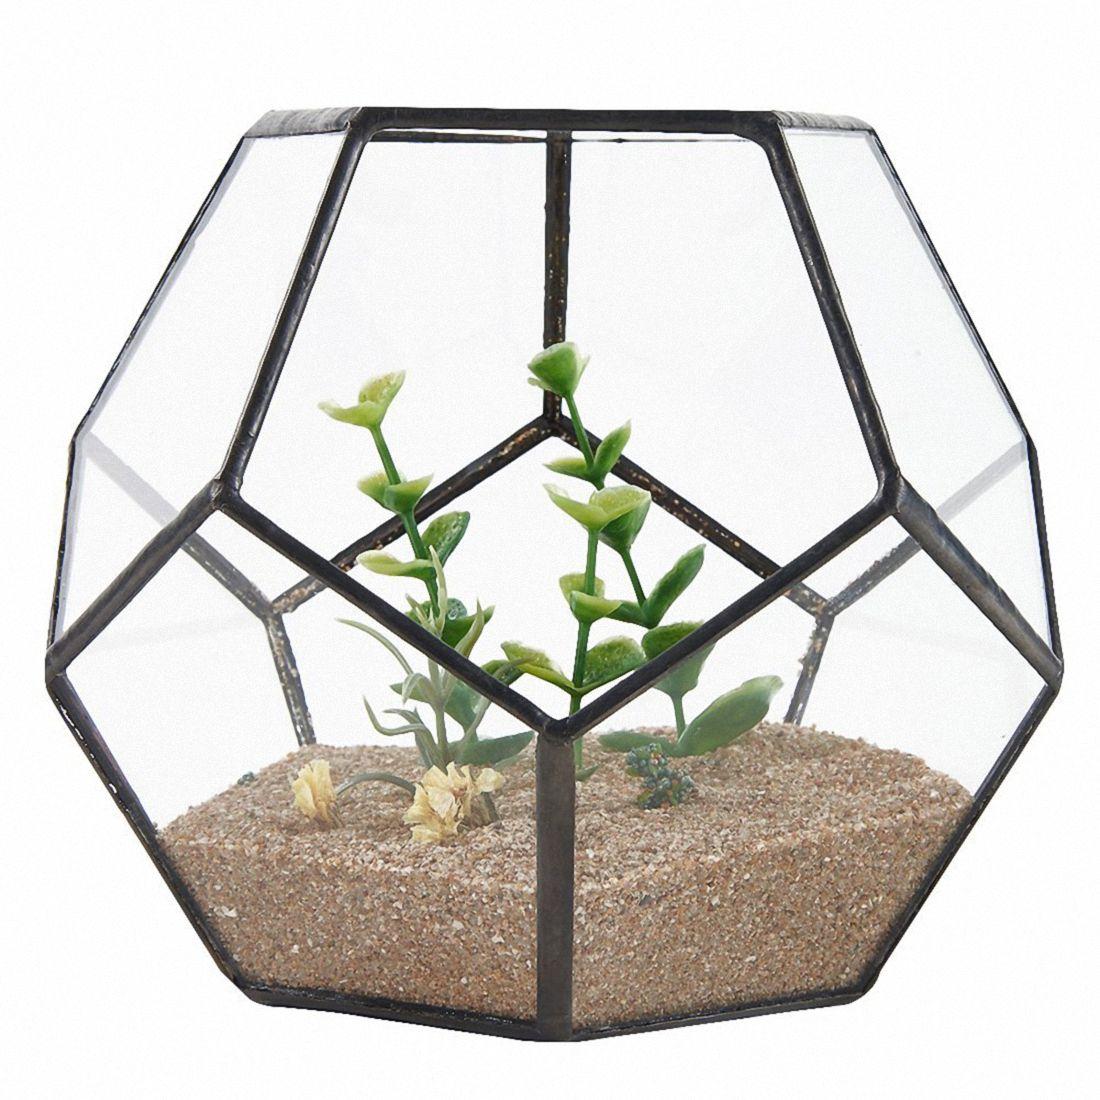 Gran oferta, terrario geométrico de cristal negro pentagonal, contenedor de ventana, alféizar, decoración, maceta, maceta para balcón, caja de exhibición Diy